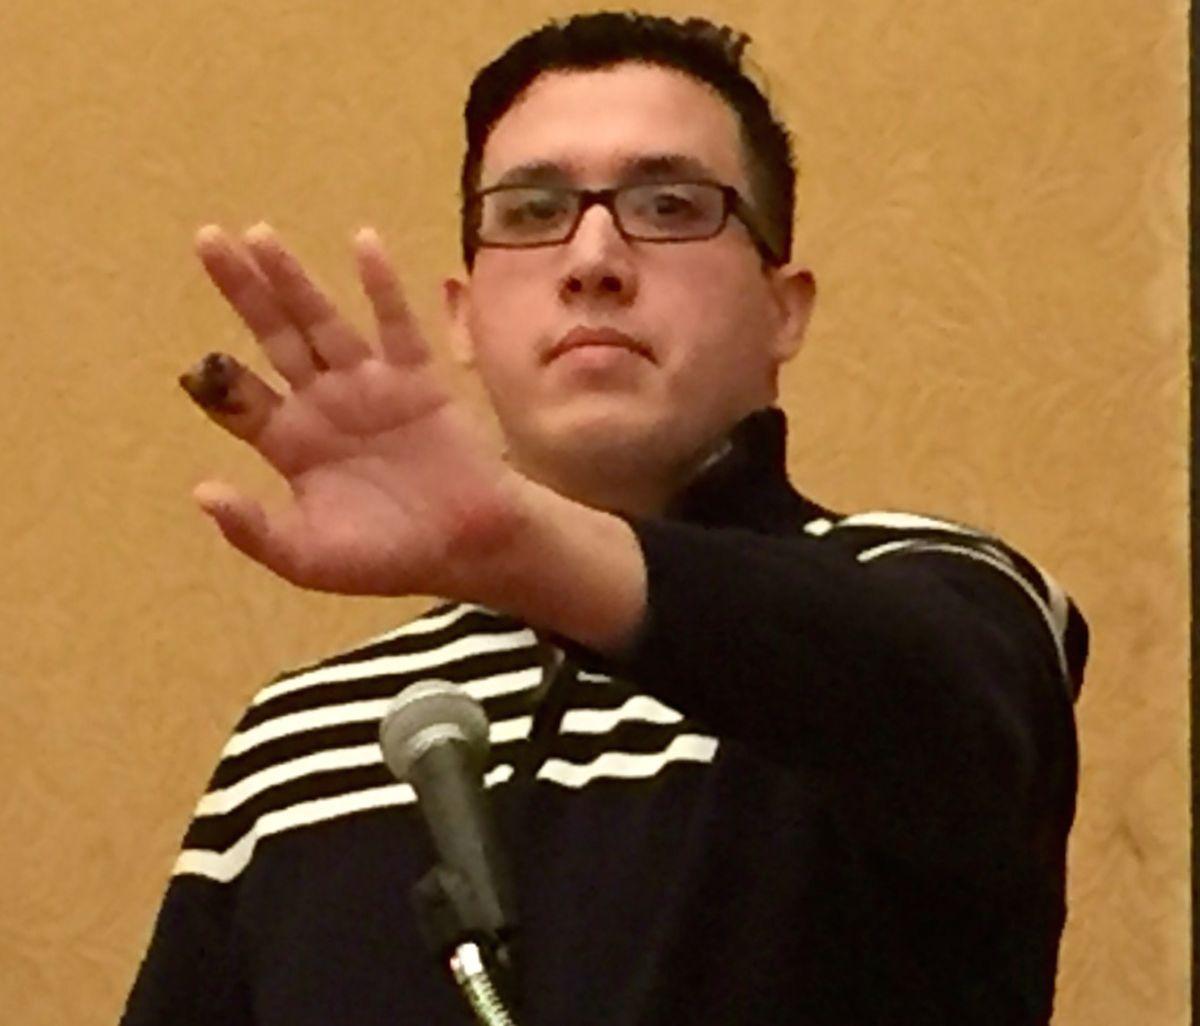 Vicente Garza muestra los daños a la mano que sufrió por una presunta explosion de un cigarillo electrónico.